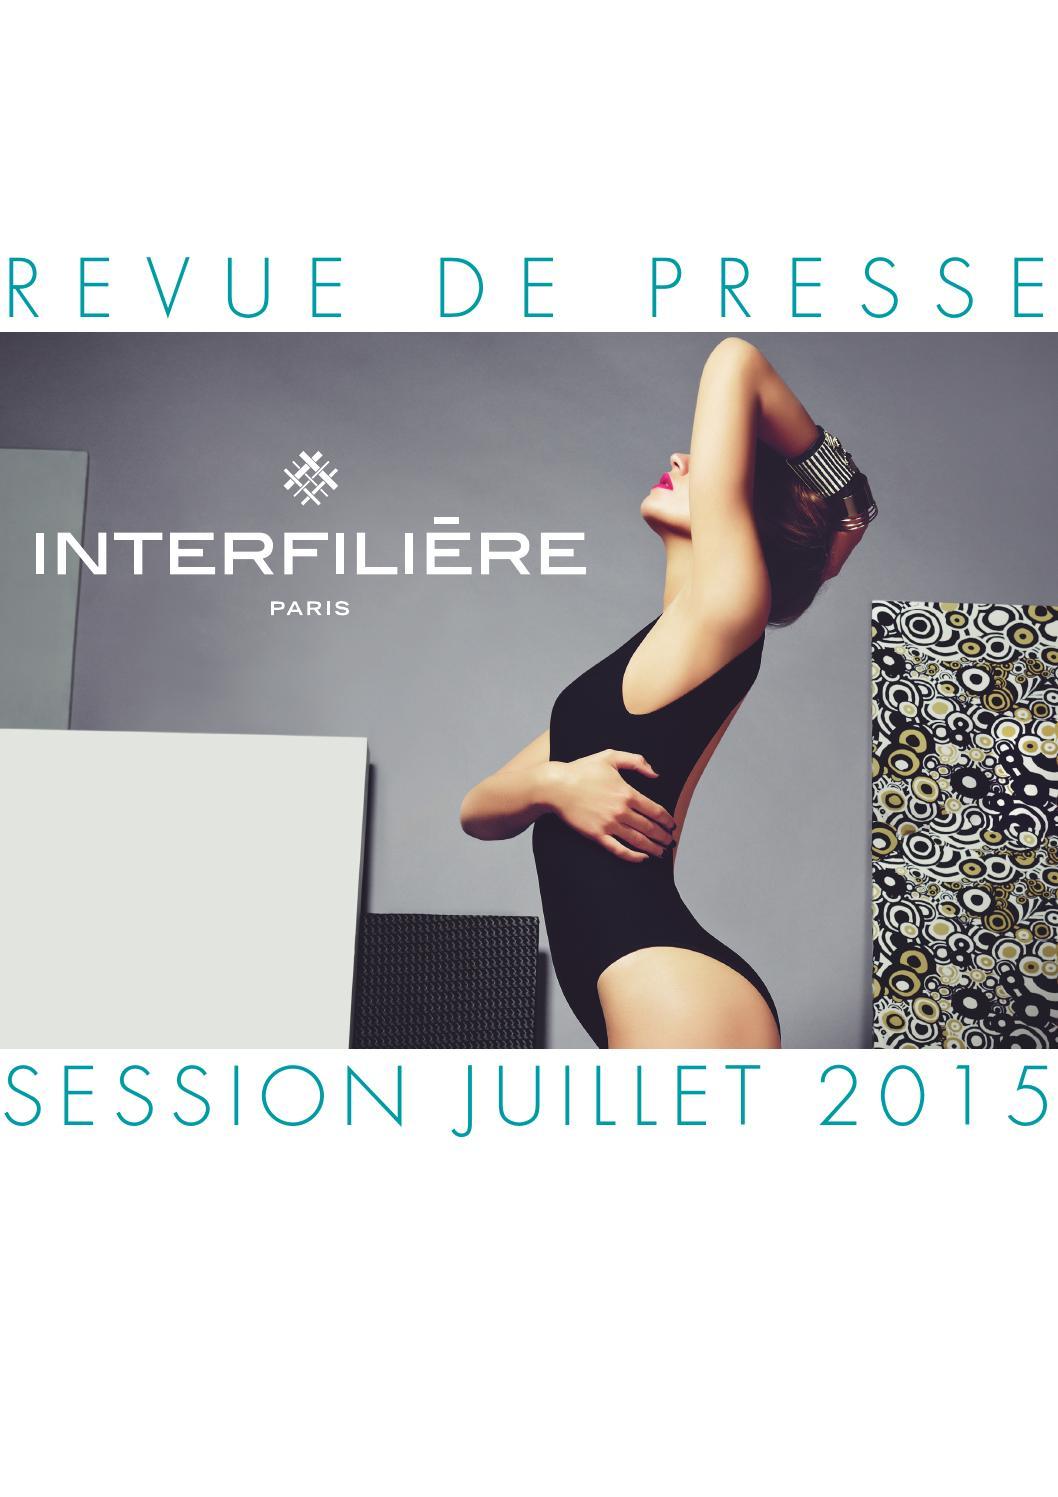 e7136ce761c Revue de presse Interfilière Paris Juillet 2015 by Claire CORREIA SANTOS -  issuu